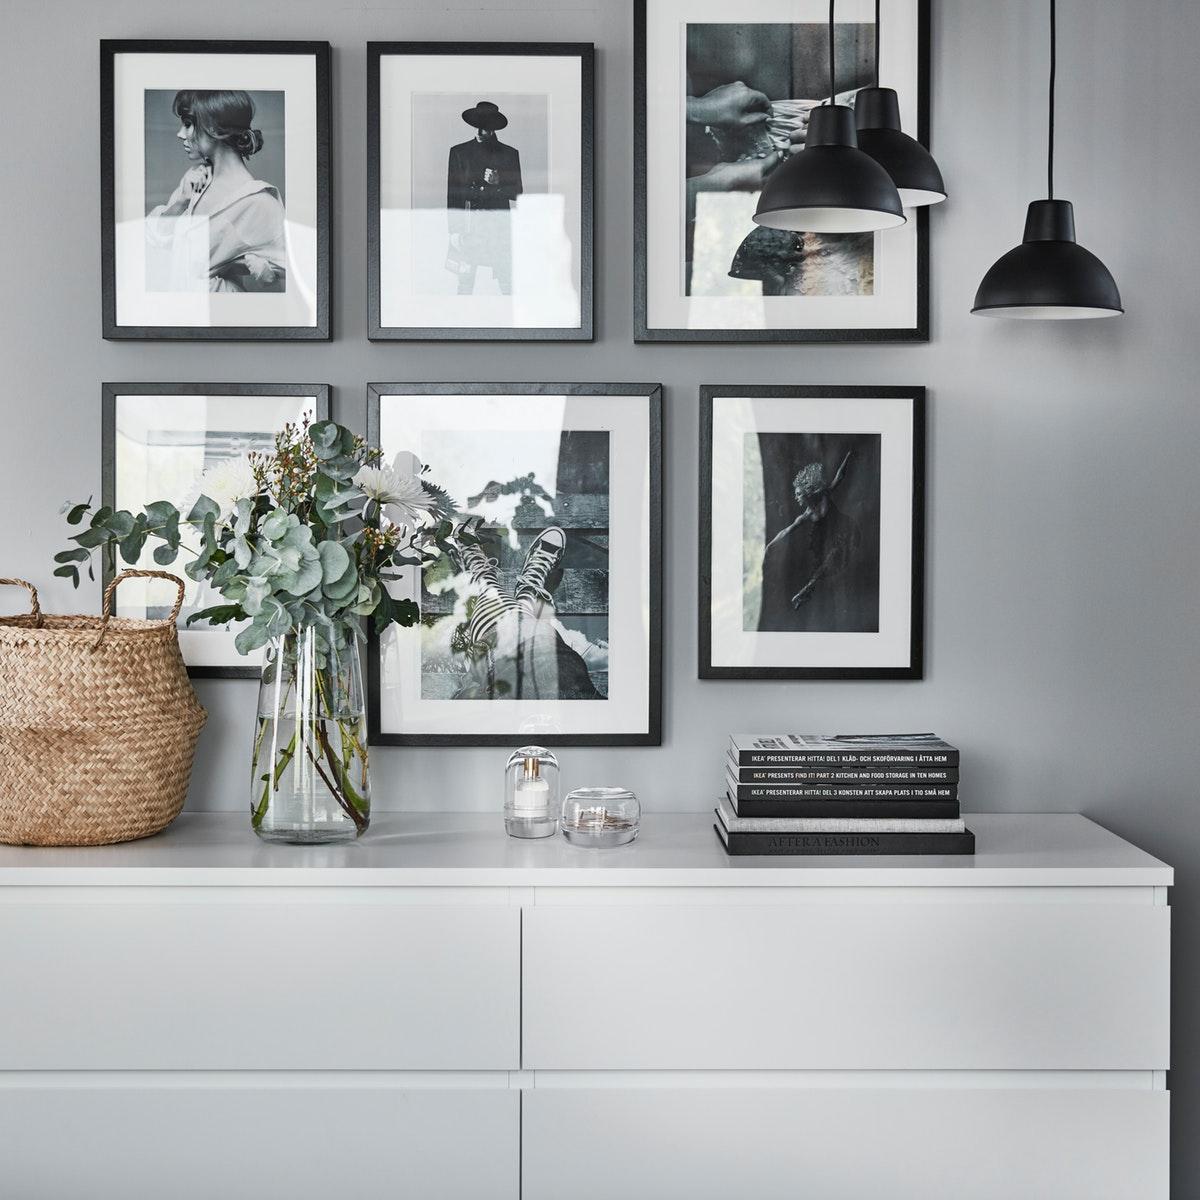 dekorasi ruang tamu minimalis dengan bingkai foto